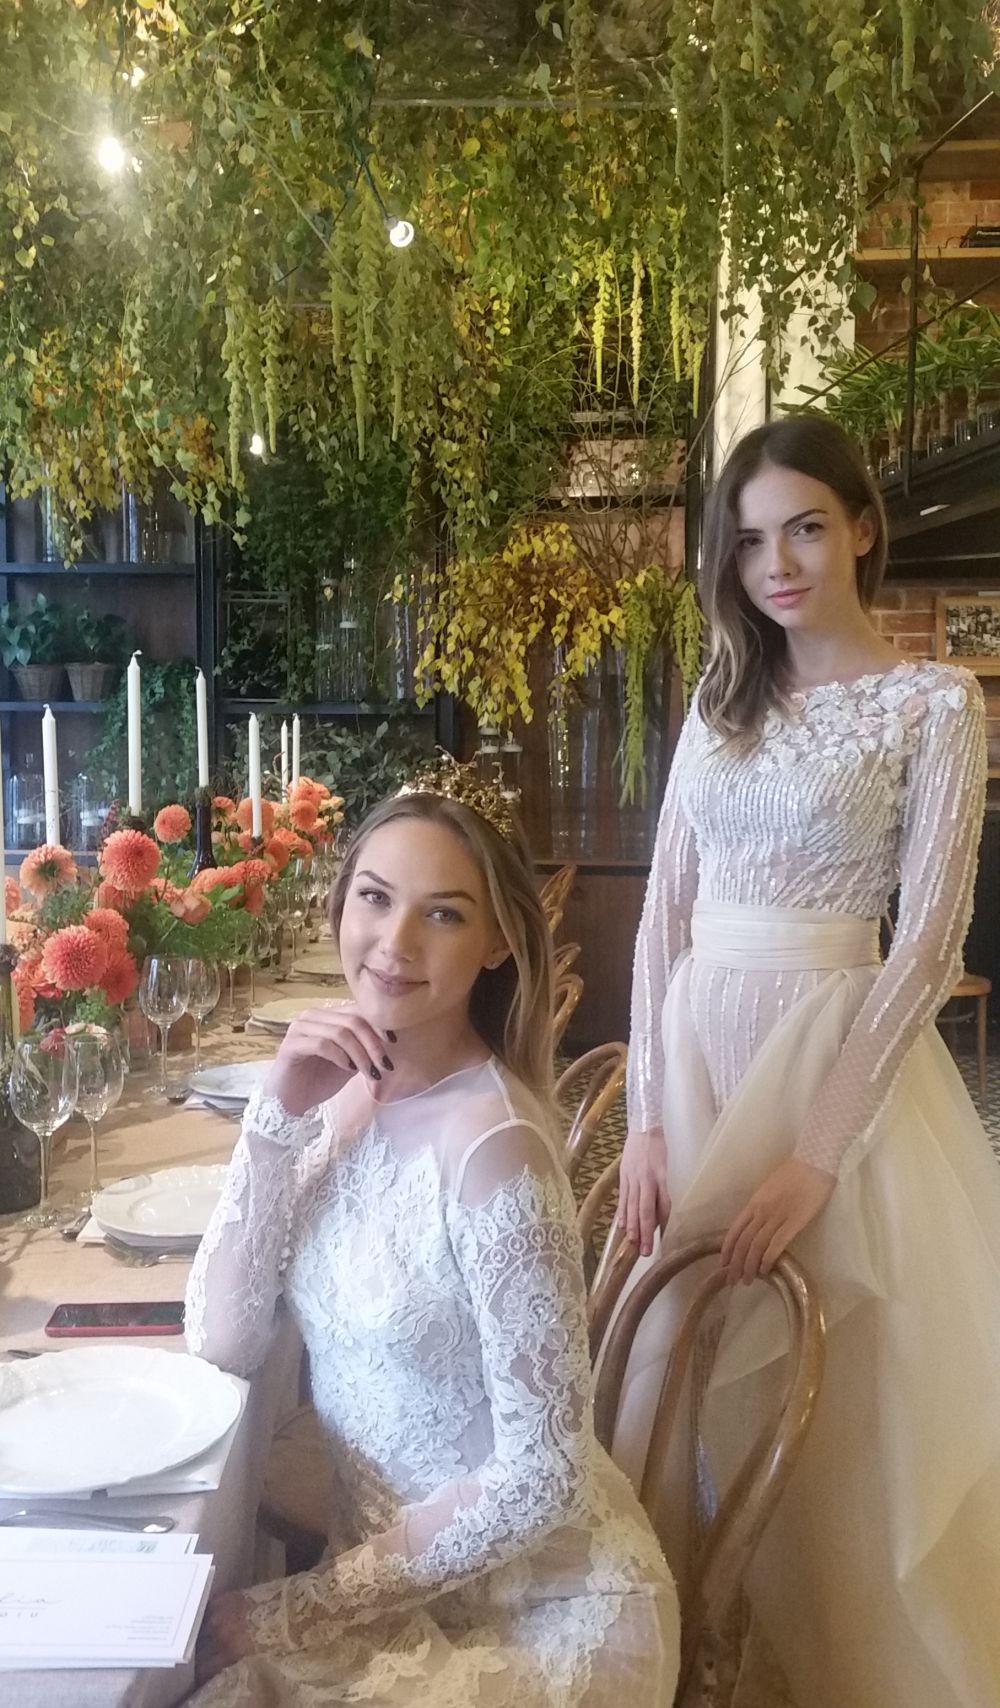 adelaparvu-com-despre-the-wedding-gallery-2016-floraria-iris-design-nicu-bocancea-5